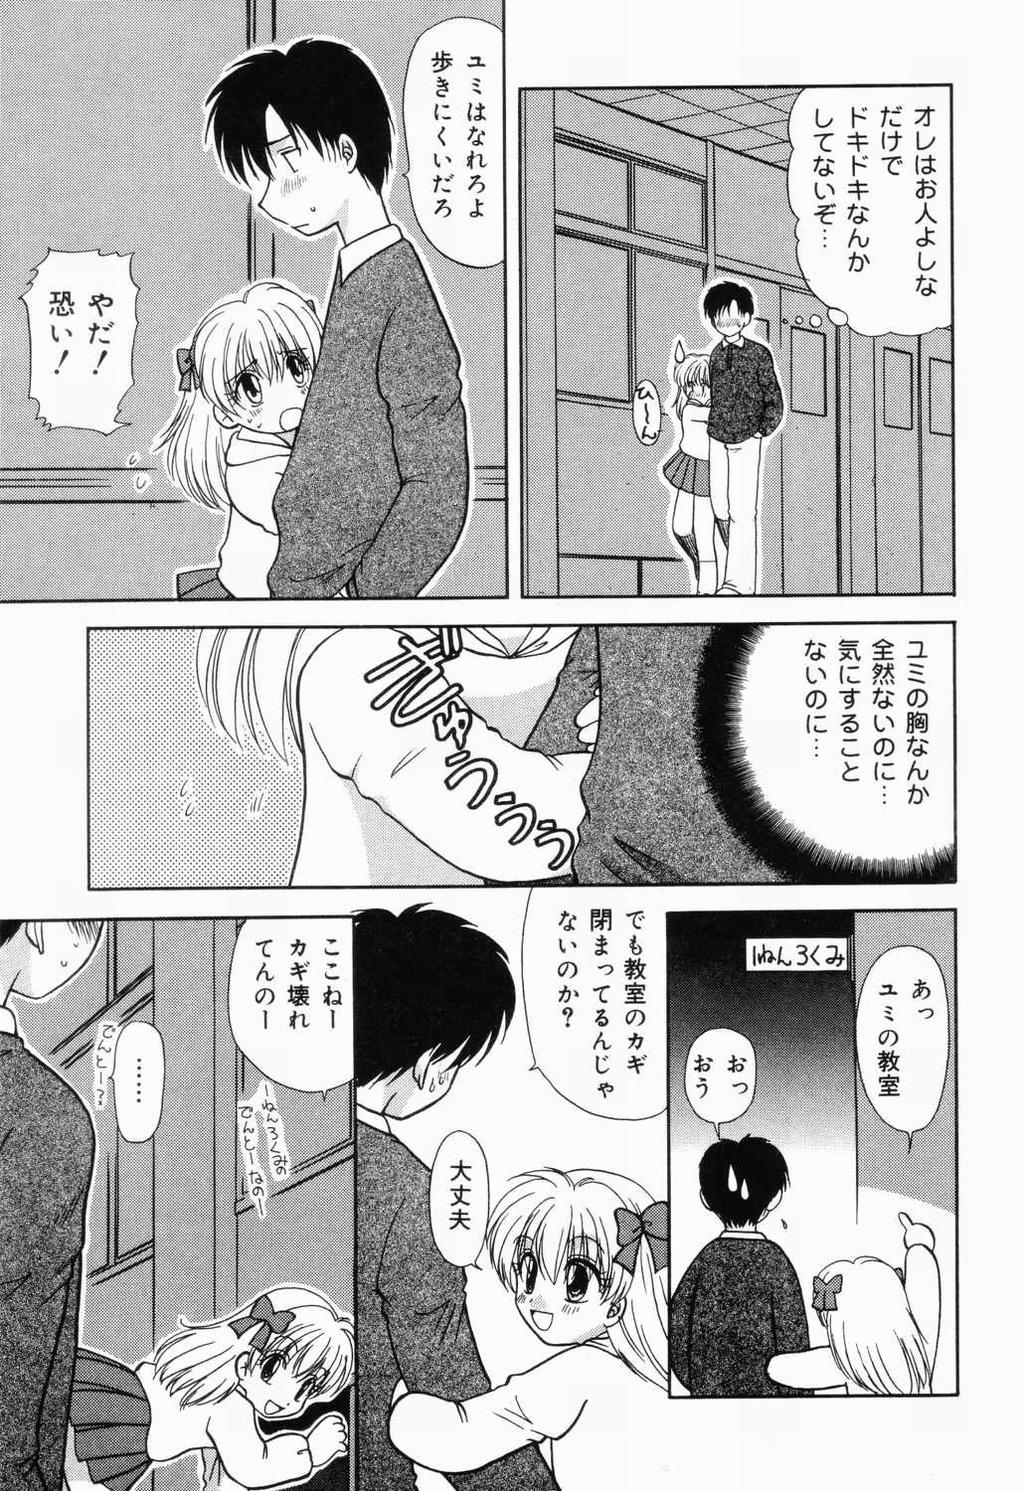 Picha Picha no Ichinensei 46